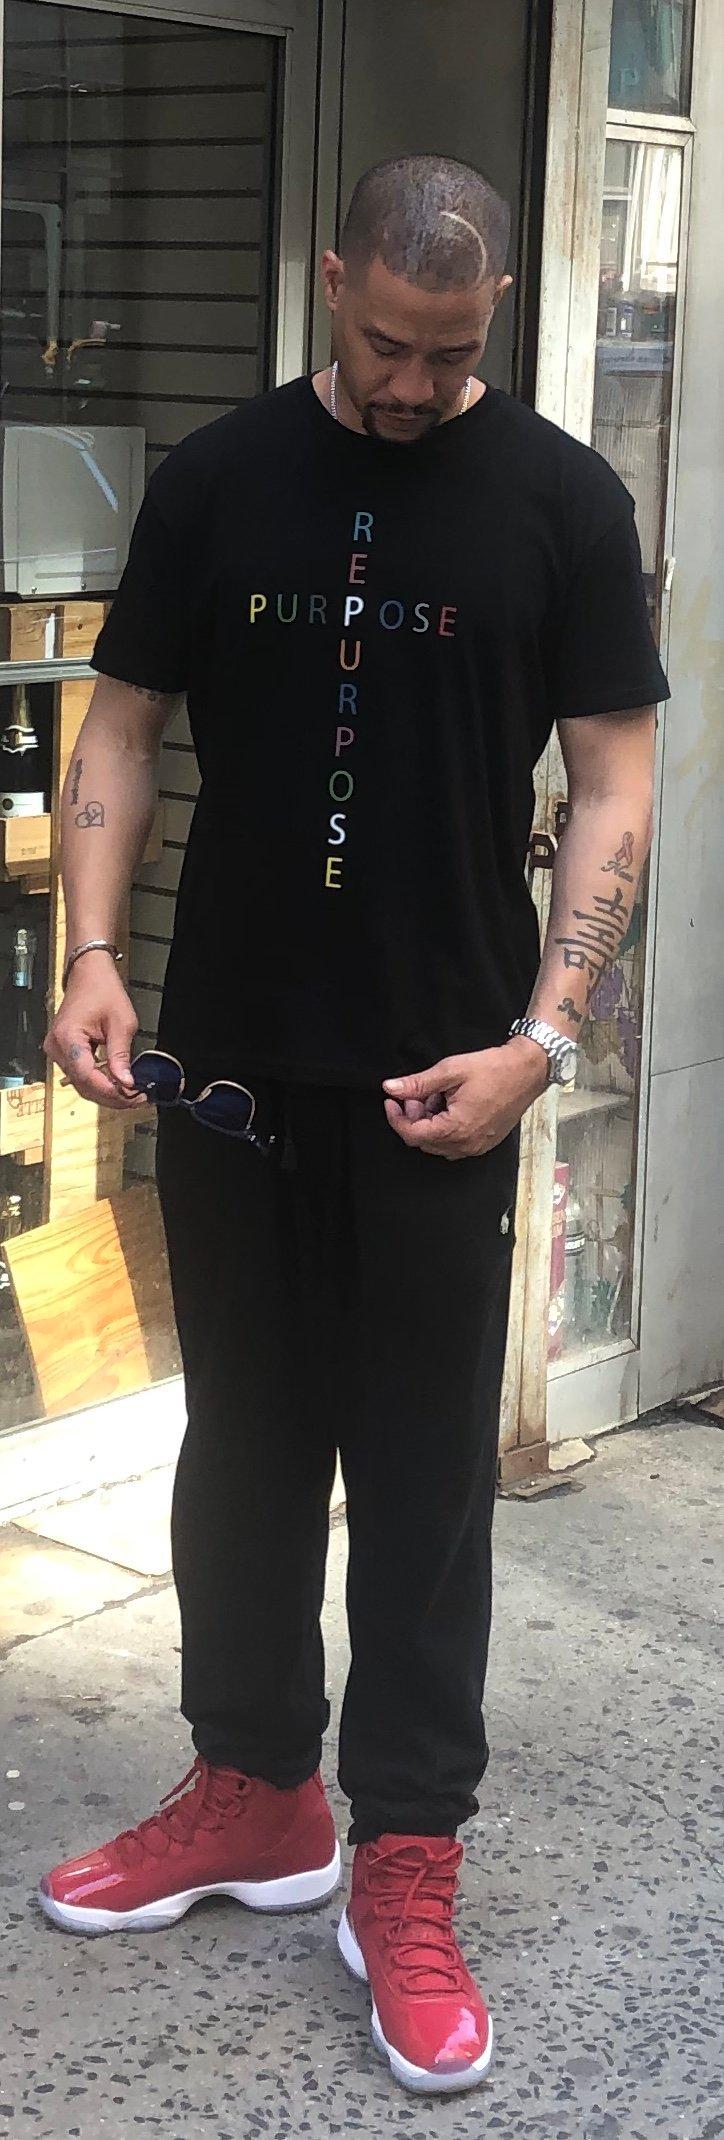 The PURPOSE Cross T shirt